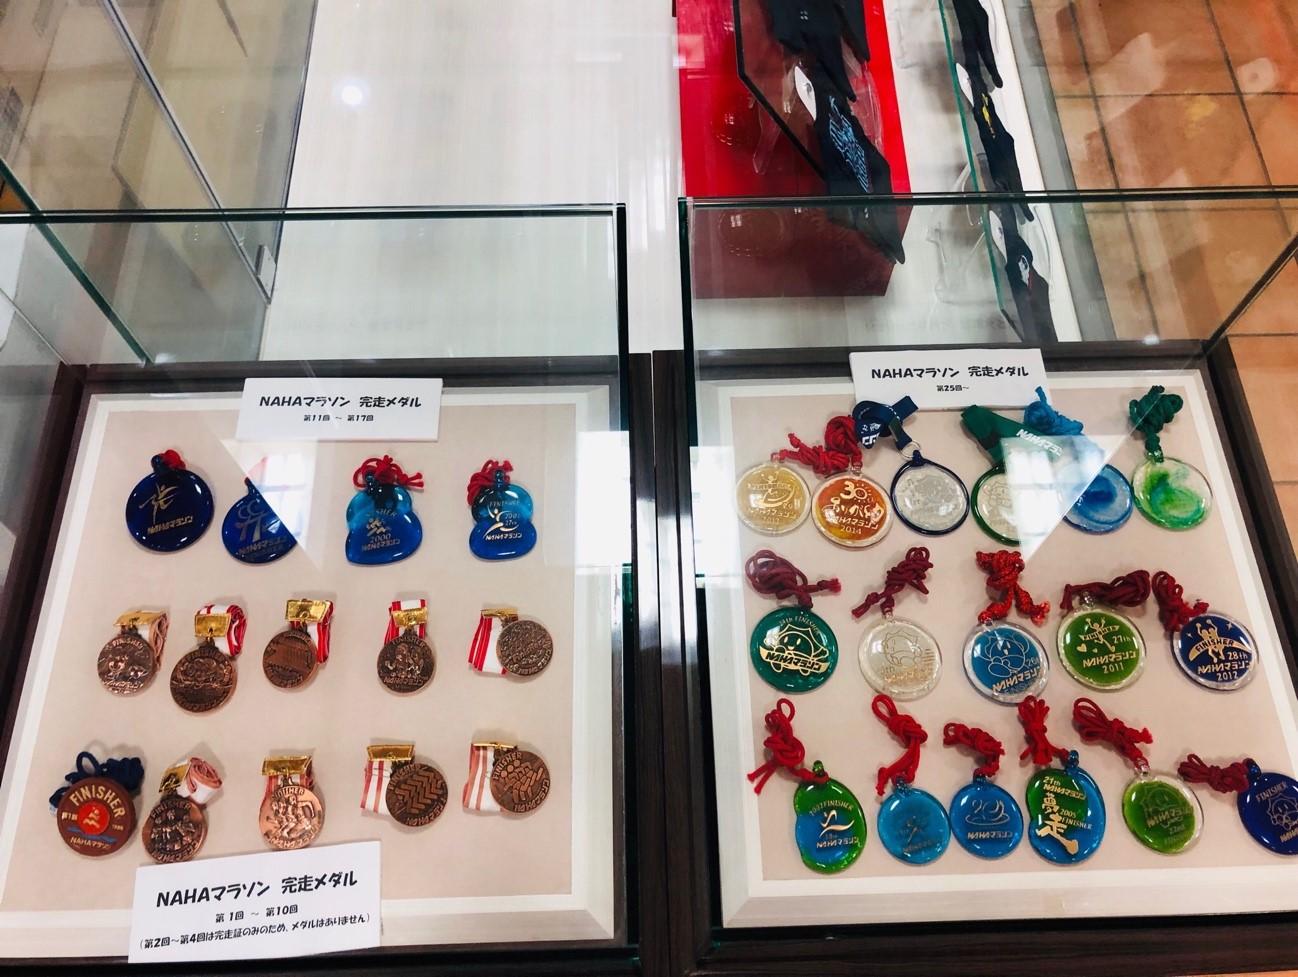 完走者には琉球ガラスをあしらったメダルのプレゼント